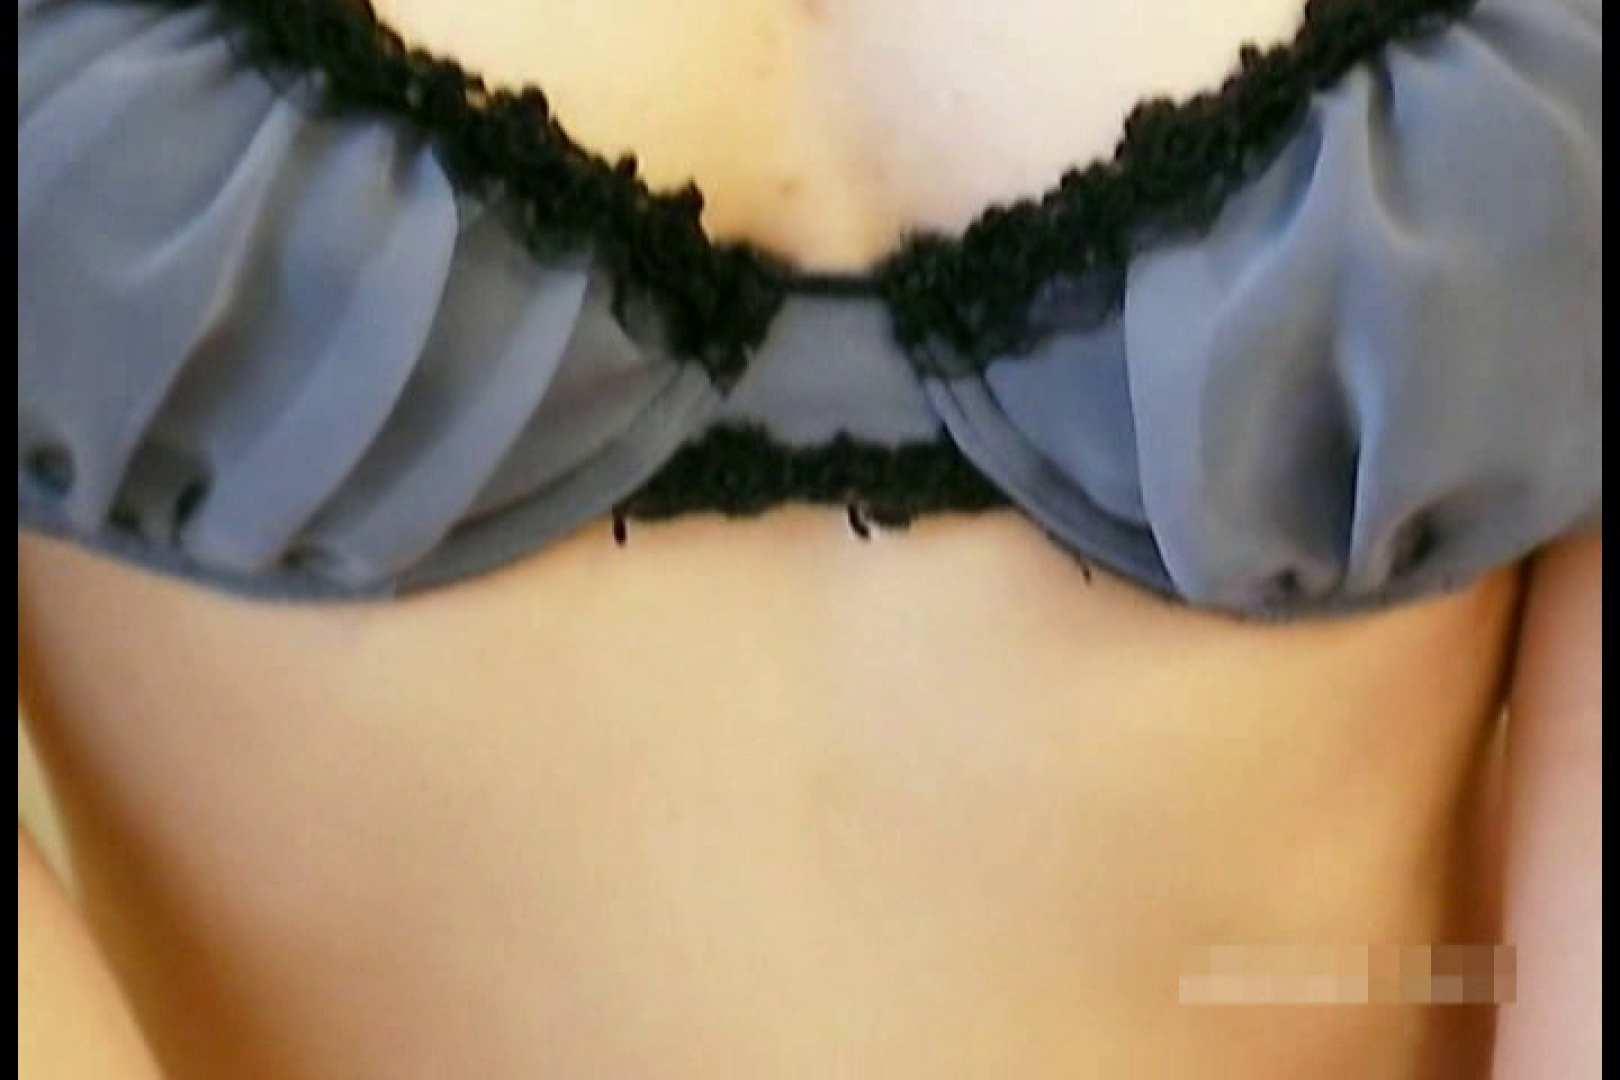 素人撮影 下着だけの撮影のはずが・・・ゆうか18歳 特撮オマンコ  41連発 10